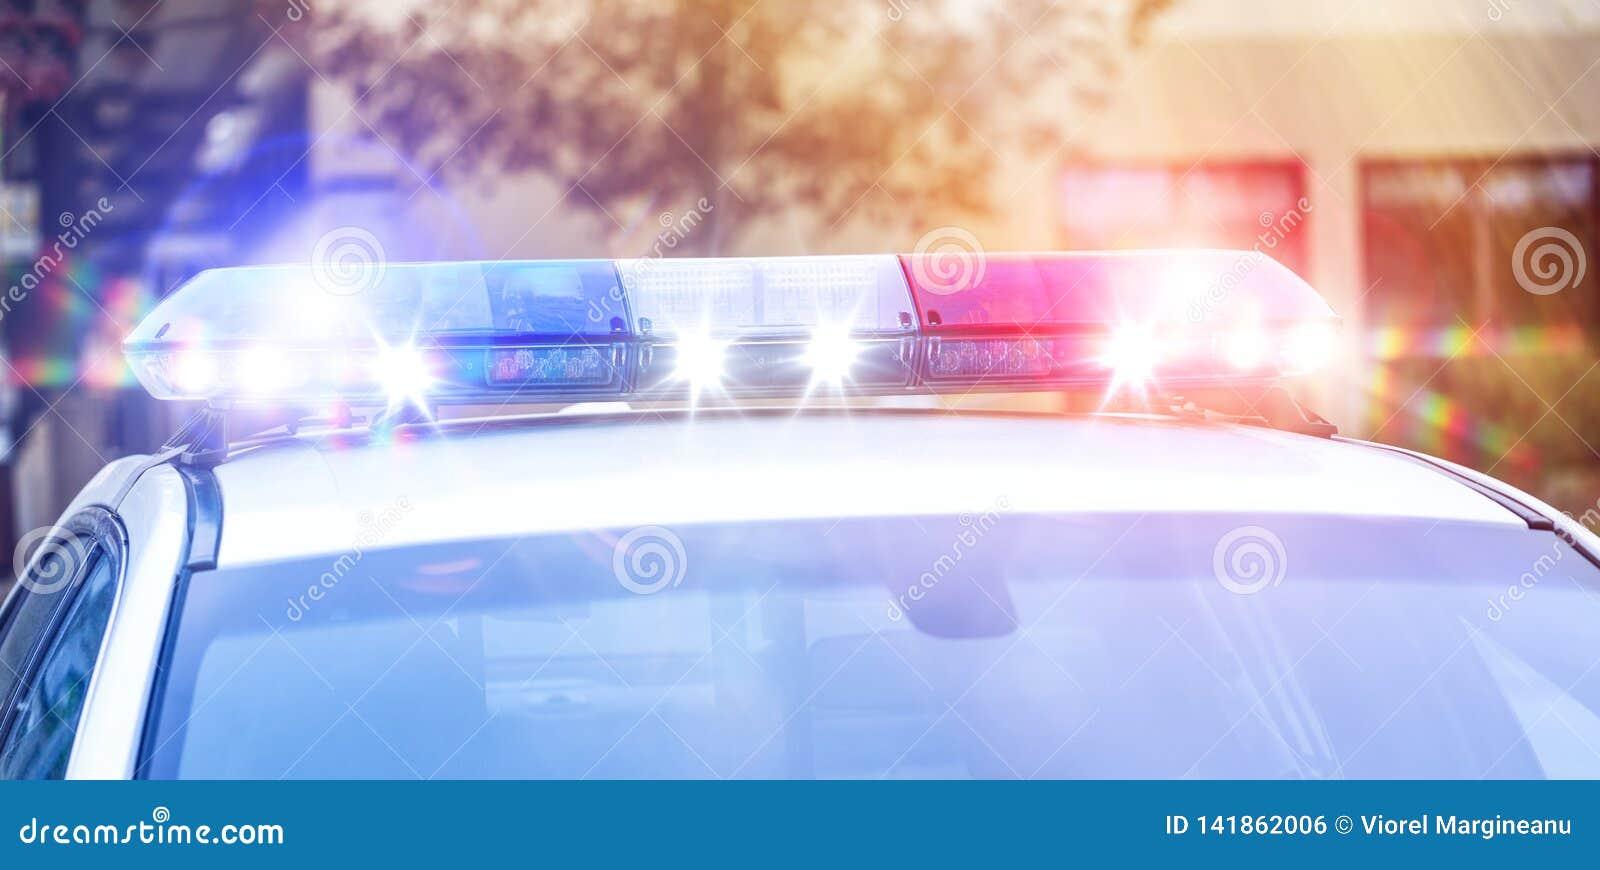 Luzes bonitas da sirene ativadas na atividade de monitoração do tráfego Carro de polícia real da patrulha com luzes da sirene na